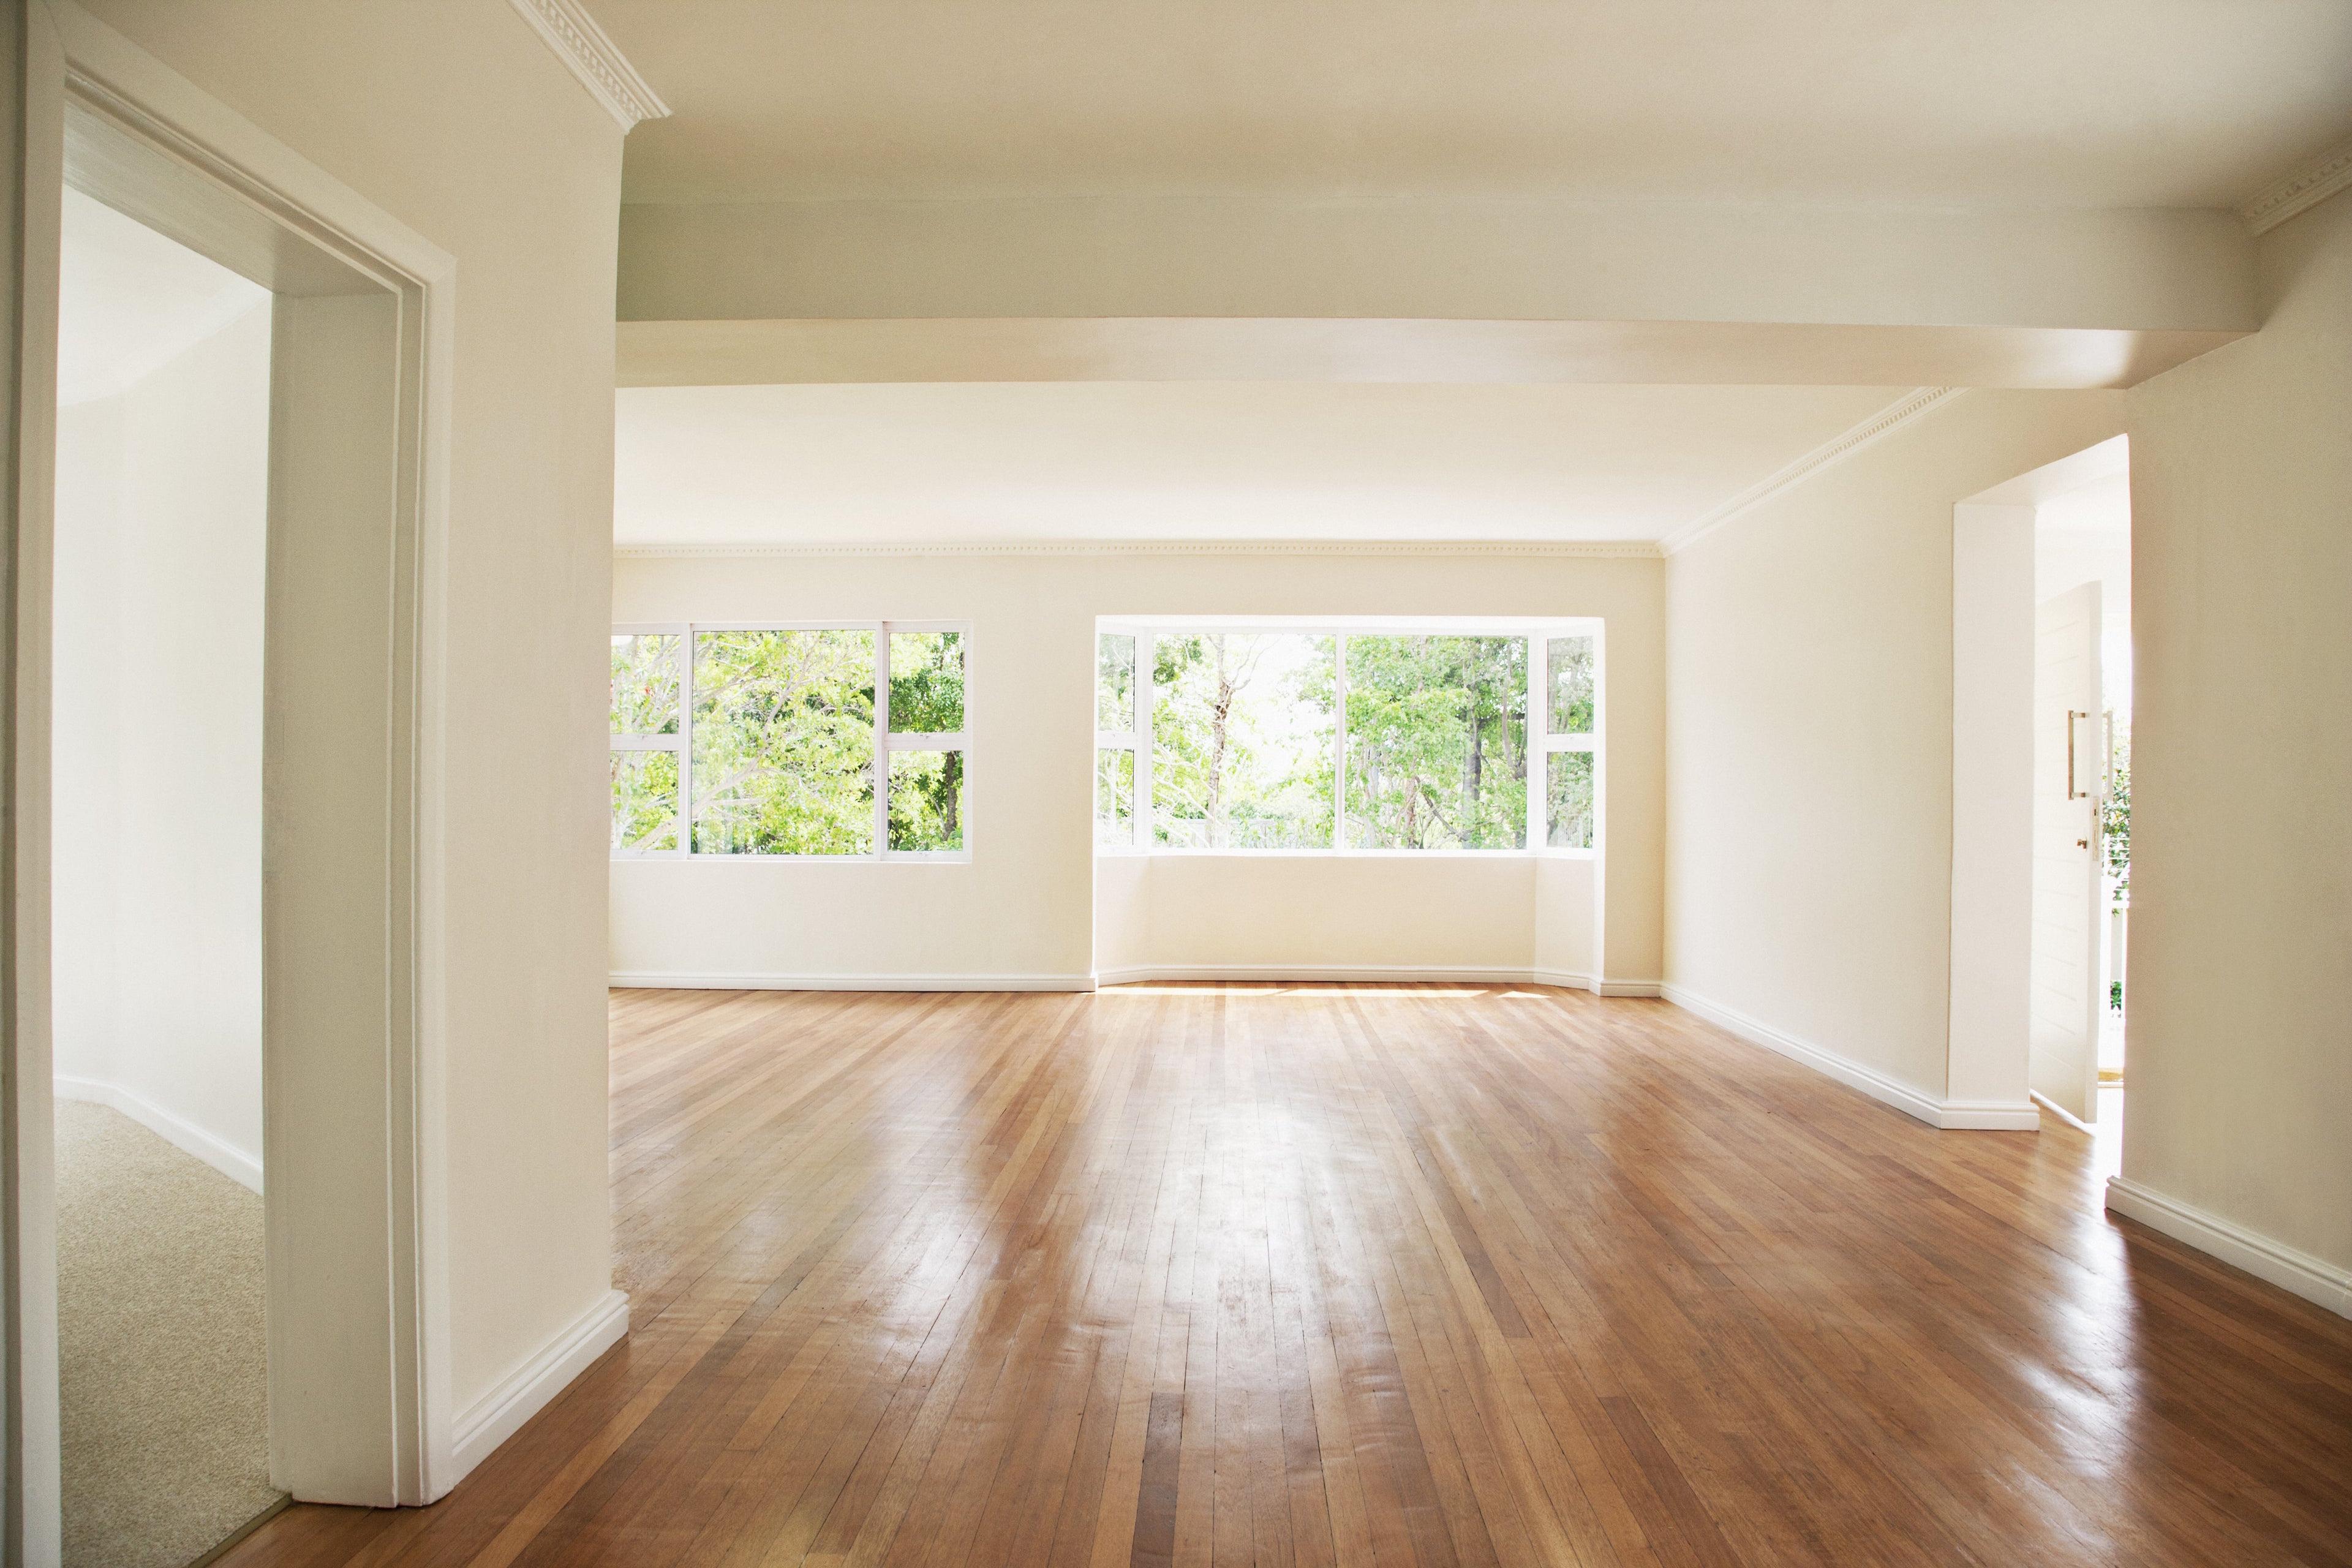 https://0201.nccdn.net/1_2/000/000/180/178/open-living-room.jpg